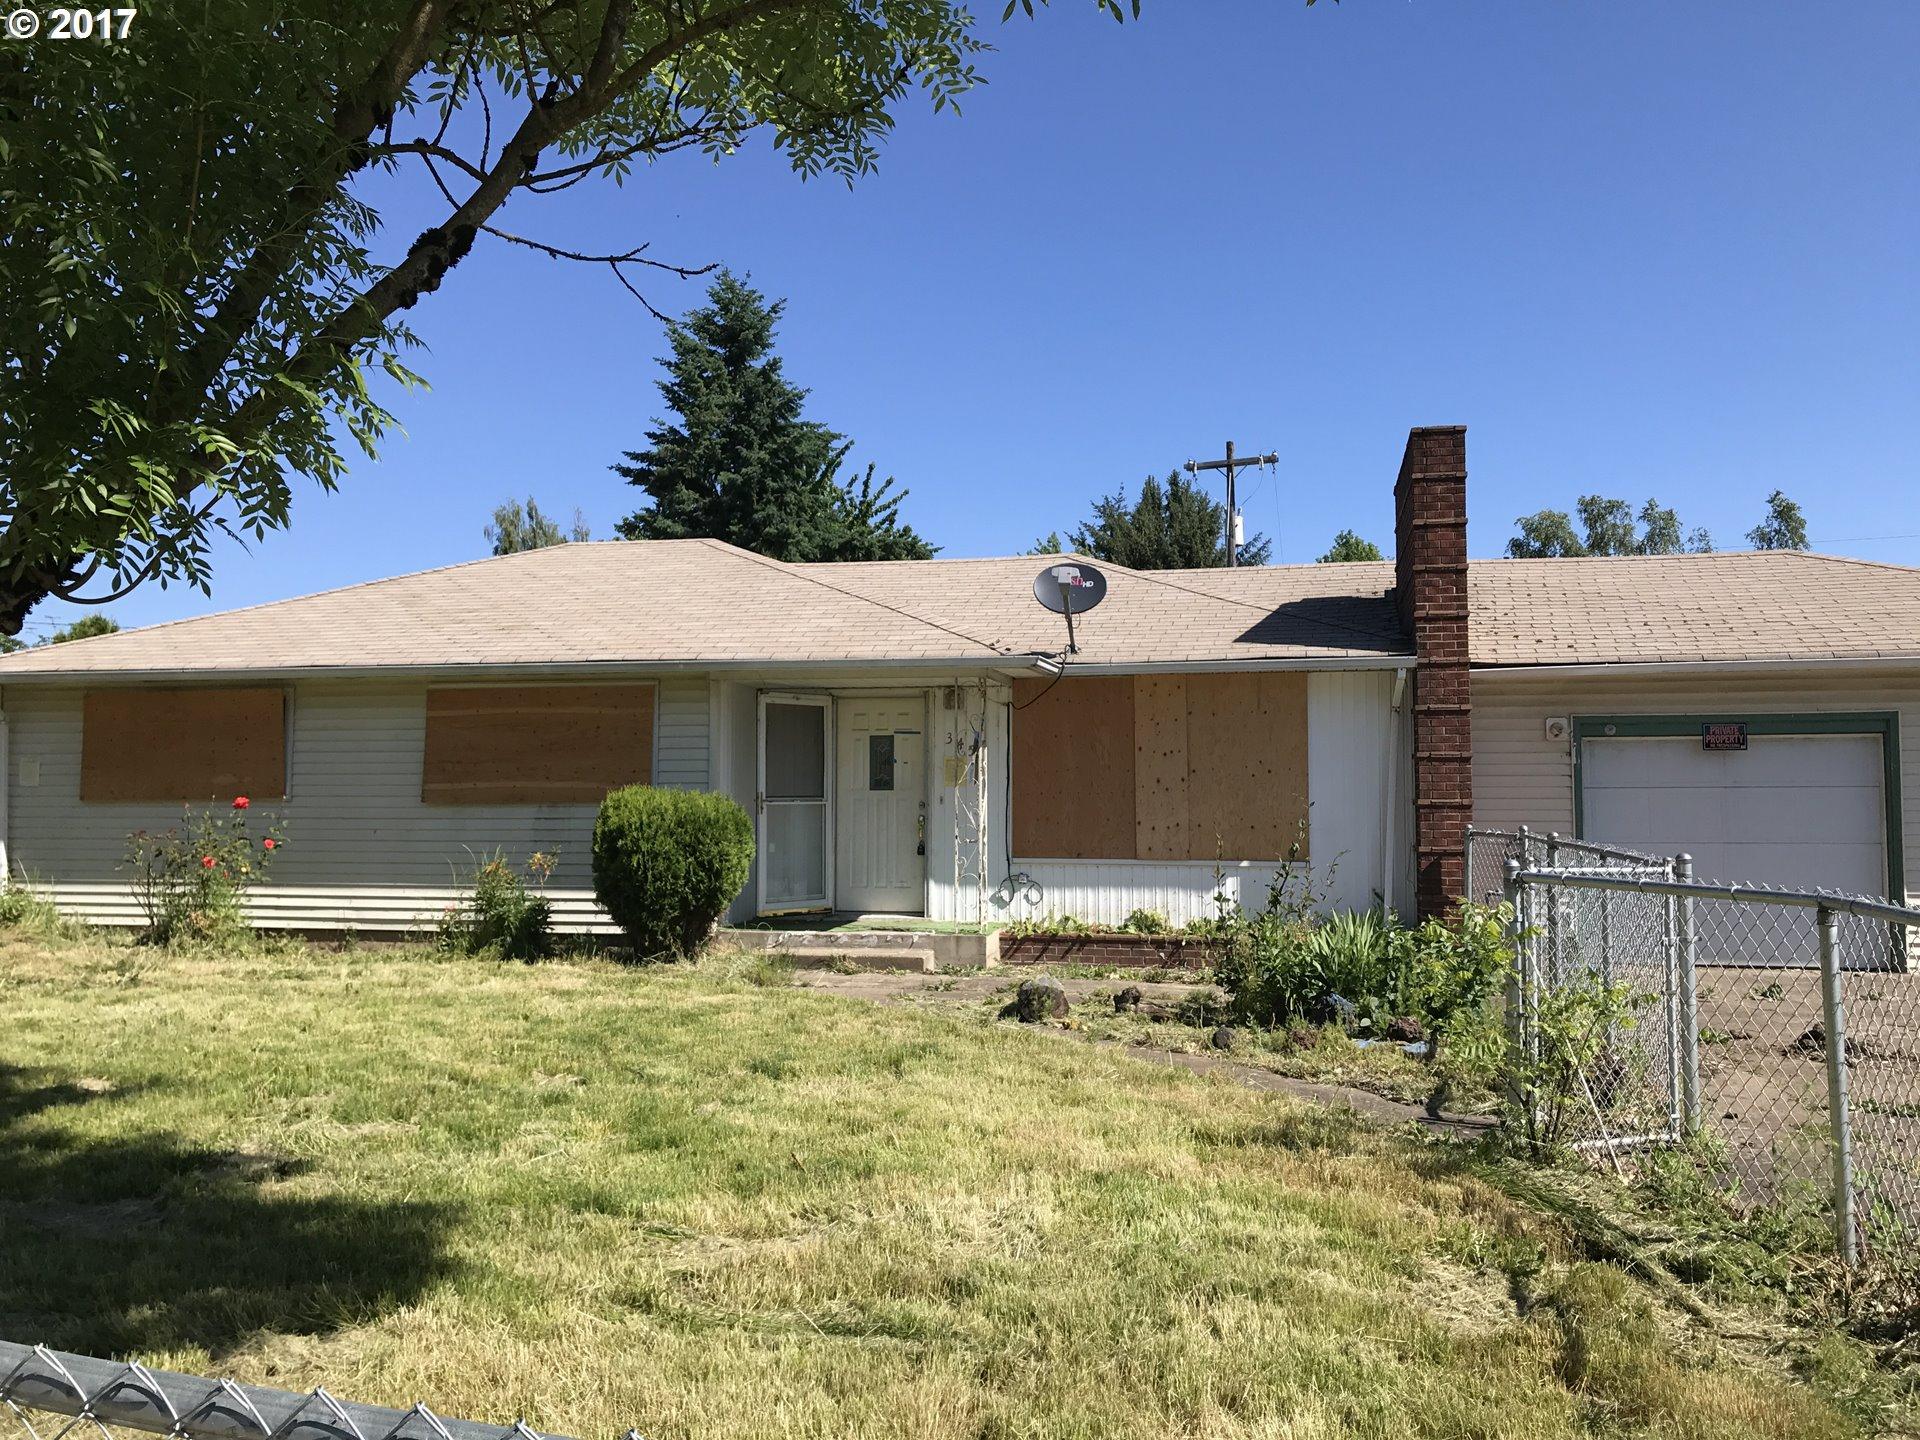 3451 ELMIRA RD Eugene, OR 97402 - MLS #: 17580329